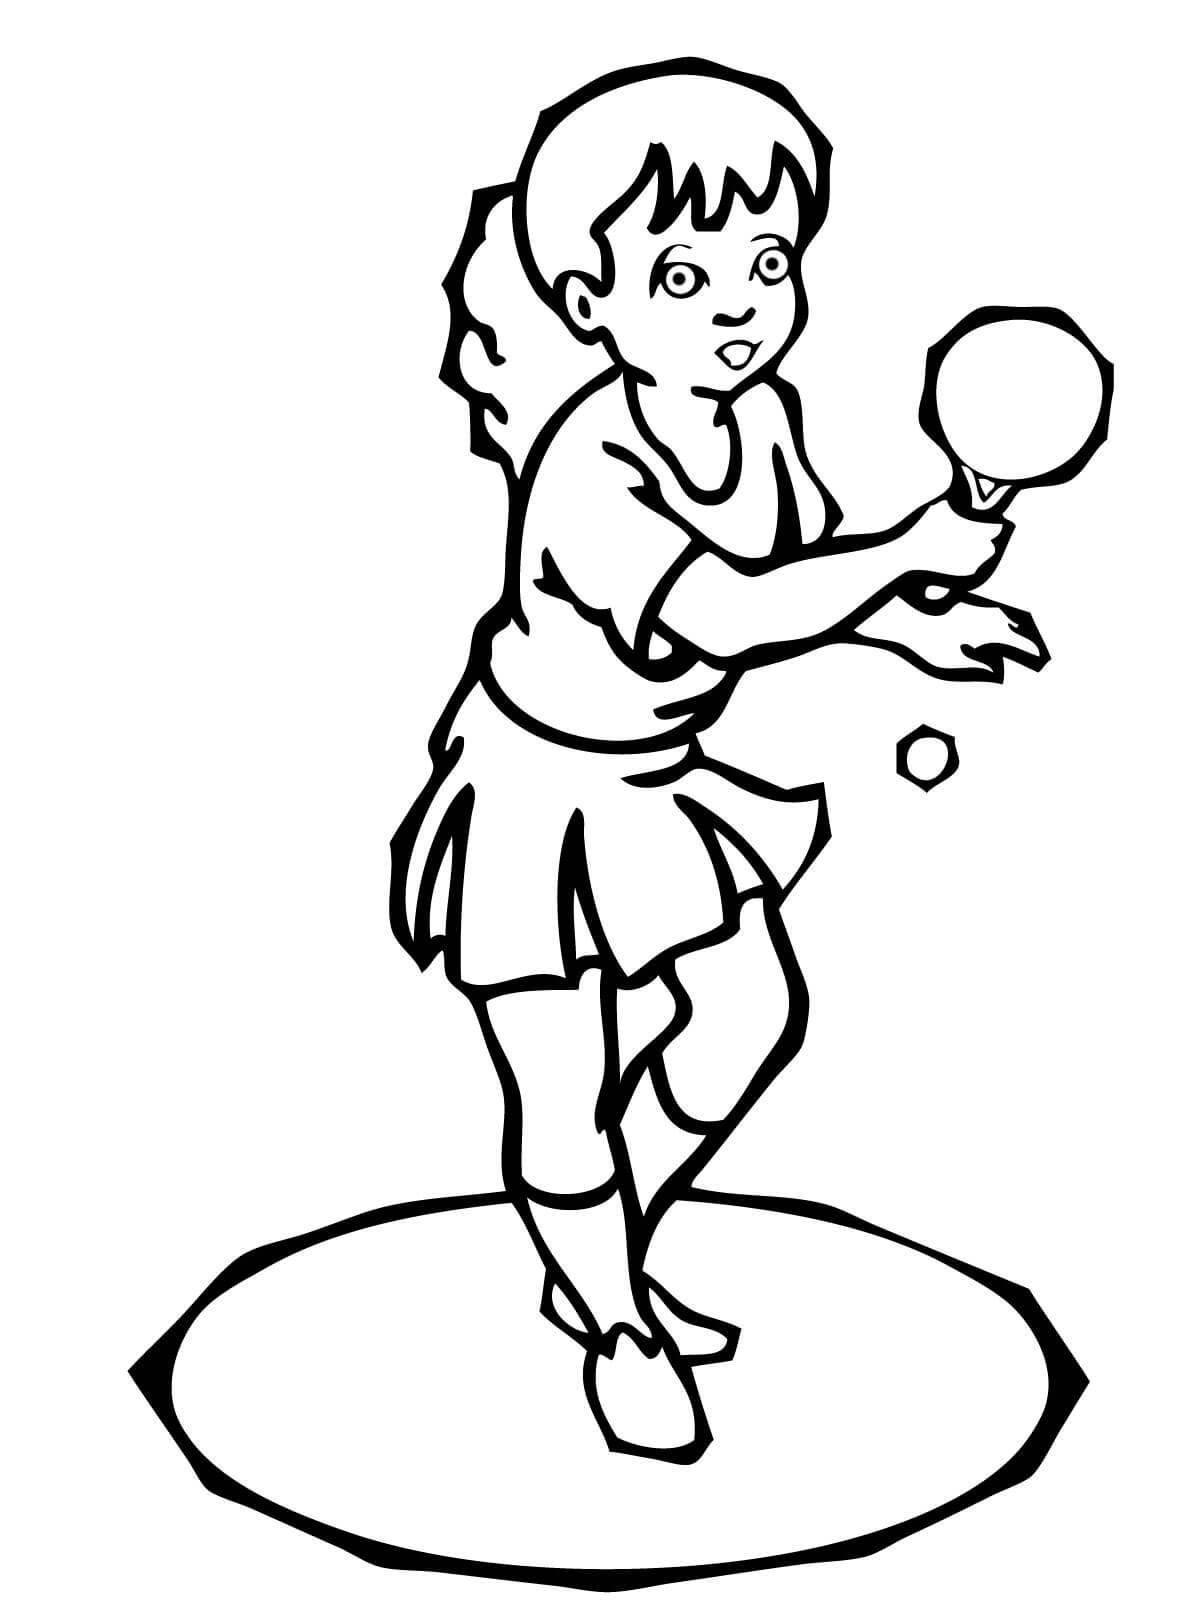 Девочка с ракеткой для настольного тенниса, мяч, пинг понг Раскраски для мальчиков